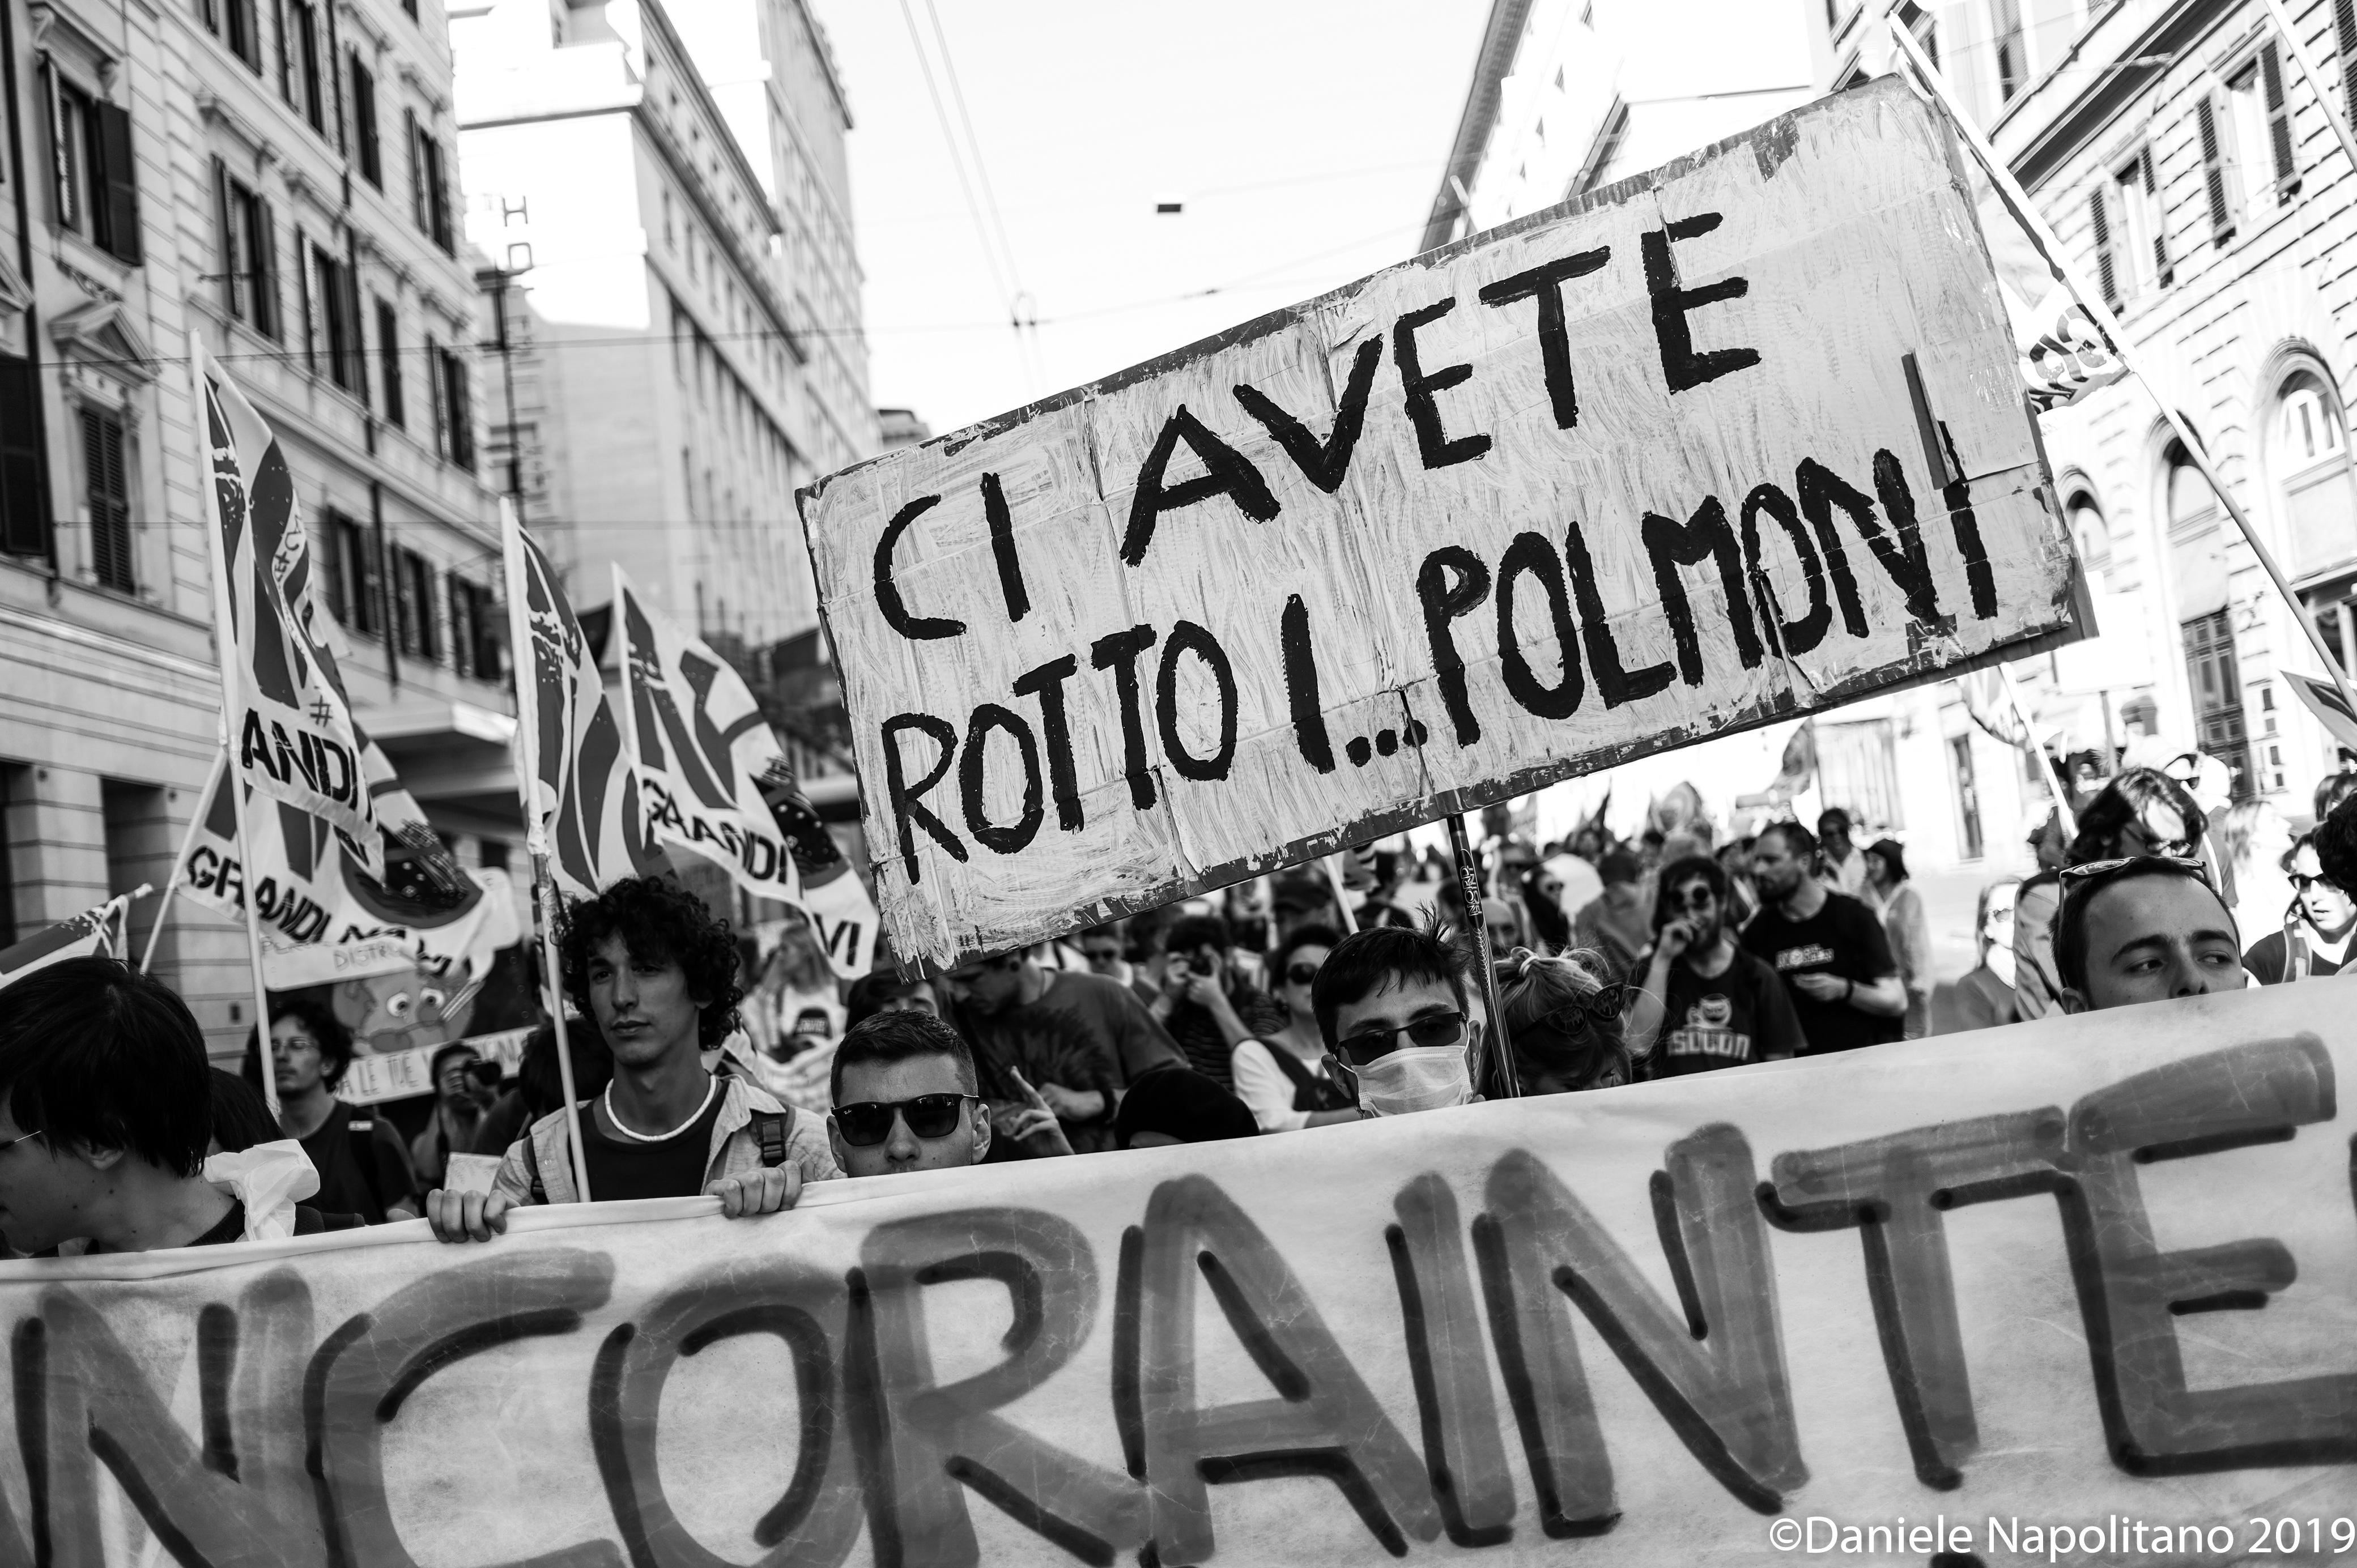 @daniele_napolitano